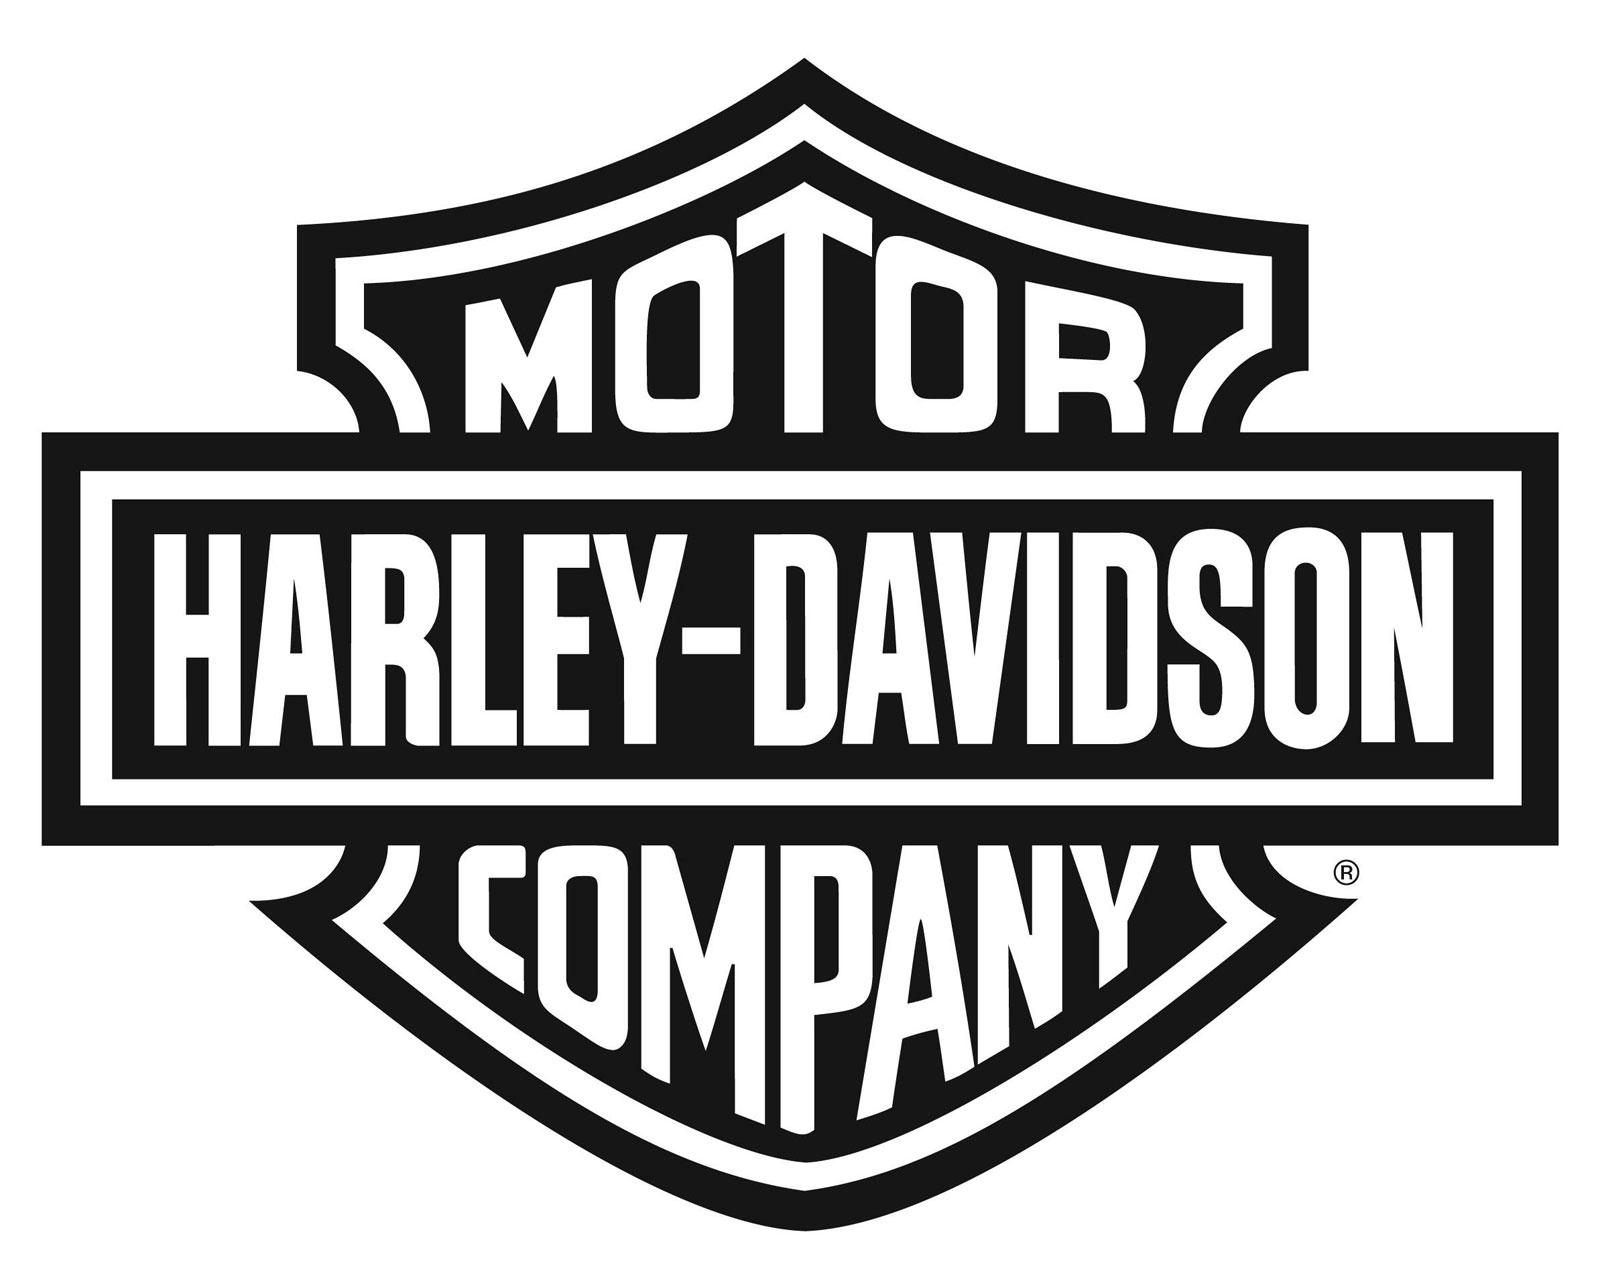 harley davidson logo hd wallpapers download free harley davidson